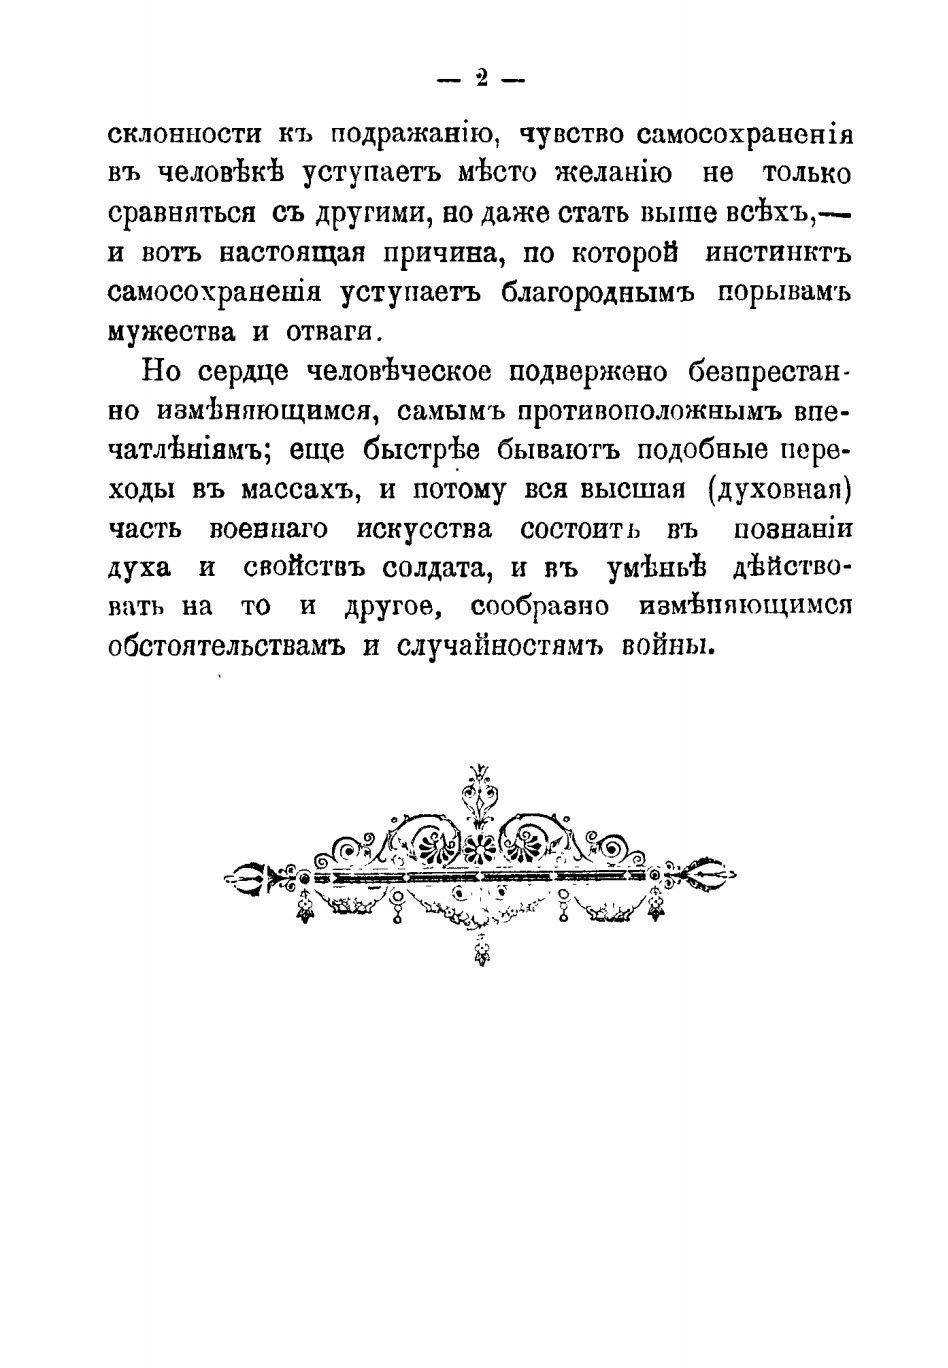 http://i3.imageban.ru/out/2014/01/22/163046b2b38234dccfd1e71cddb3cf61.jpg